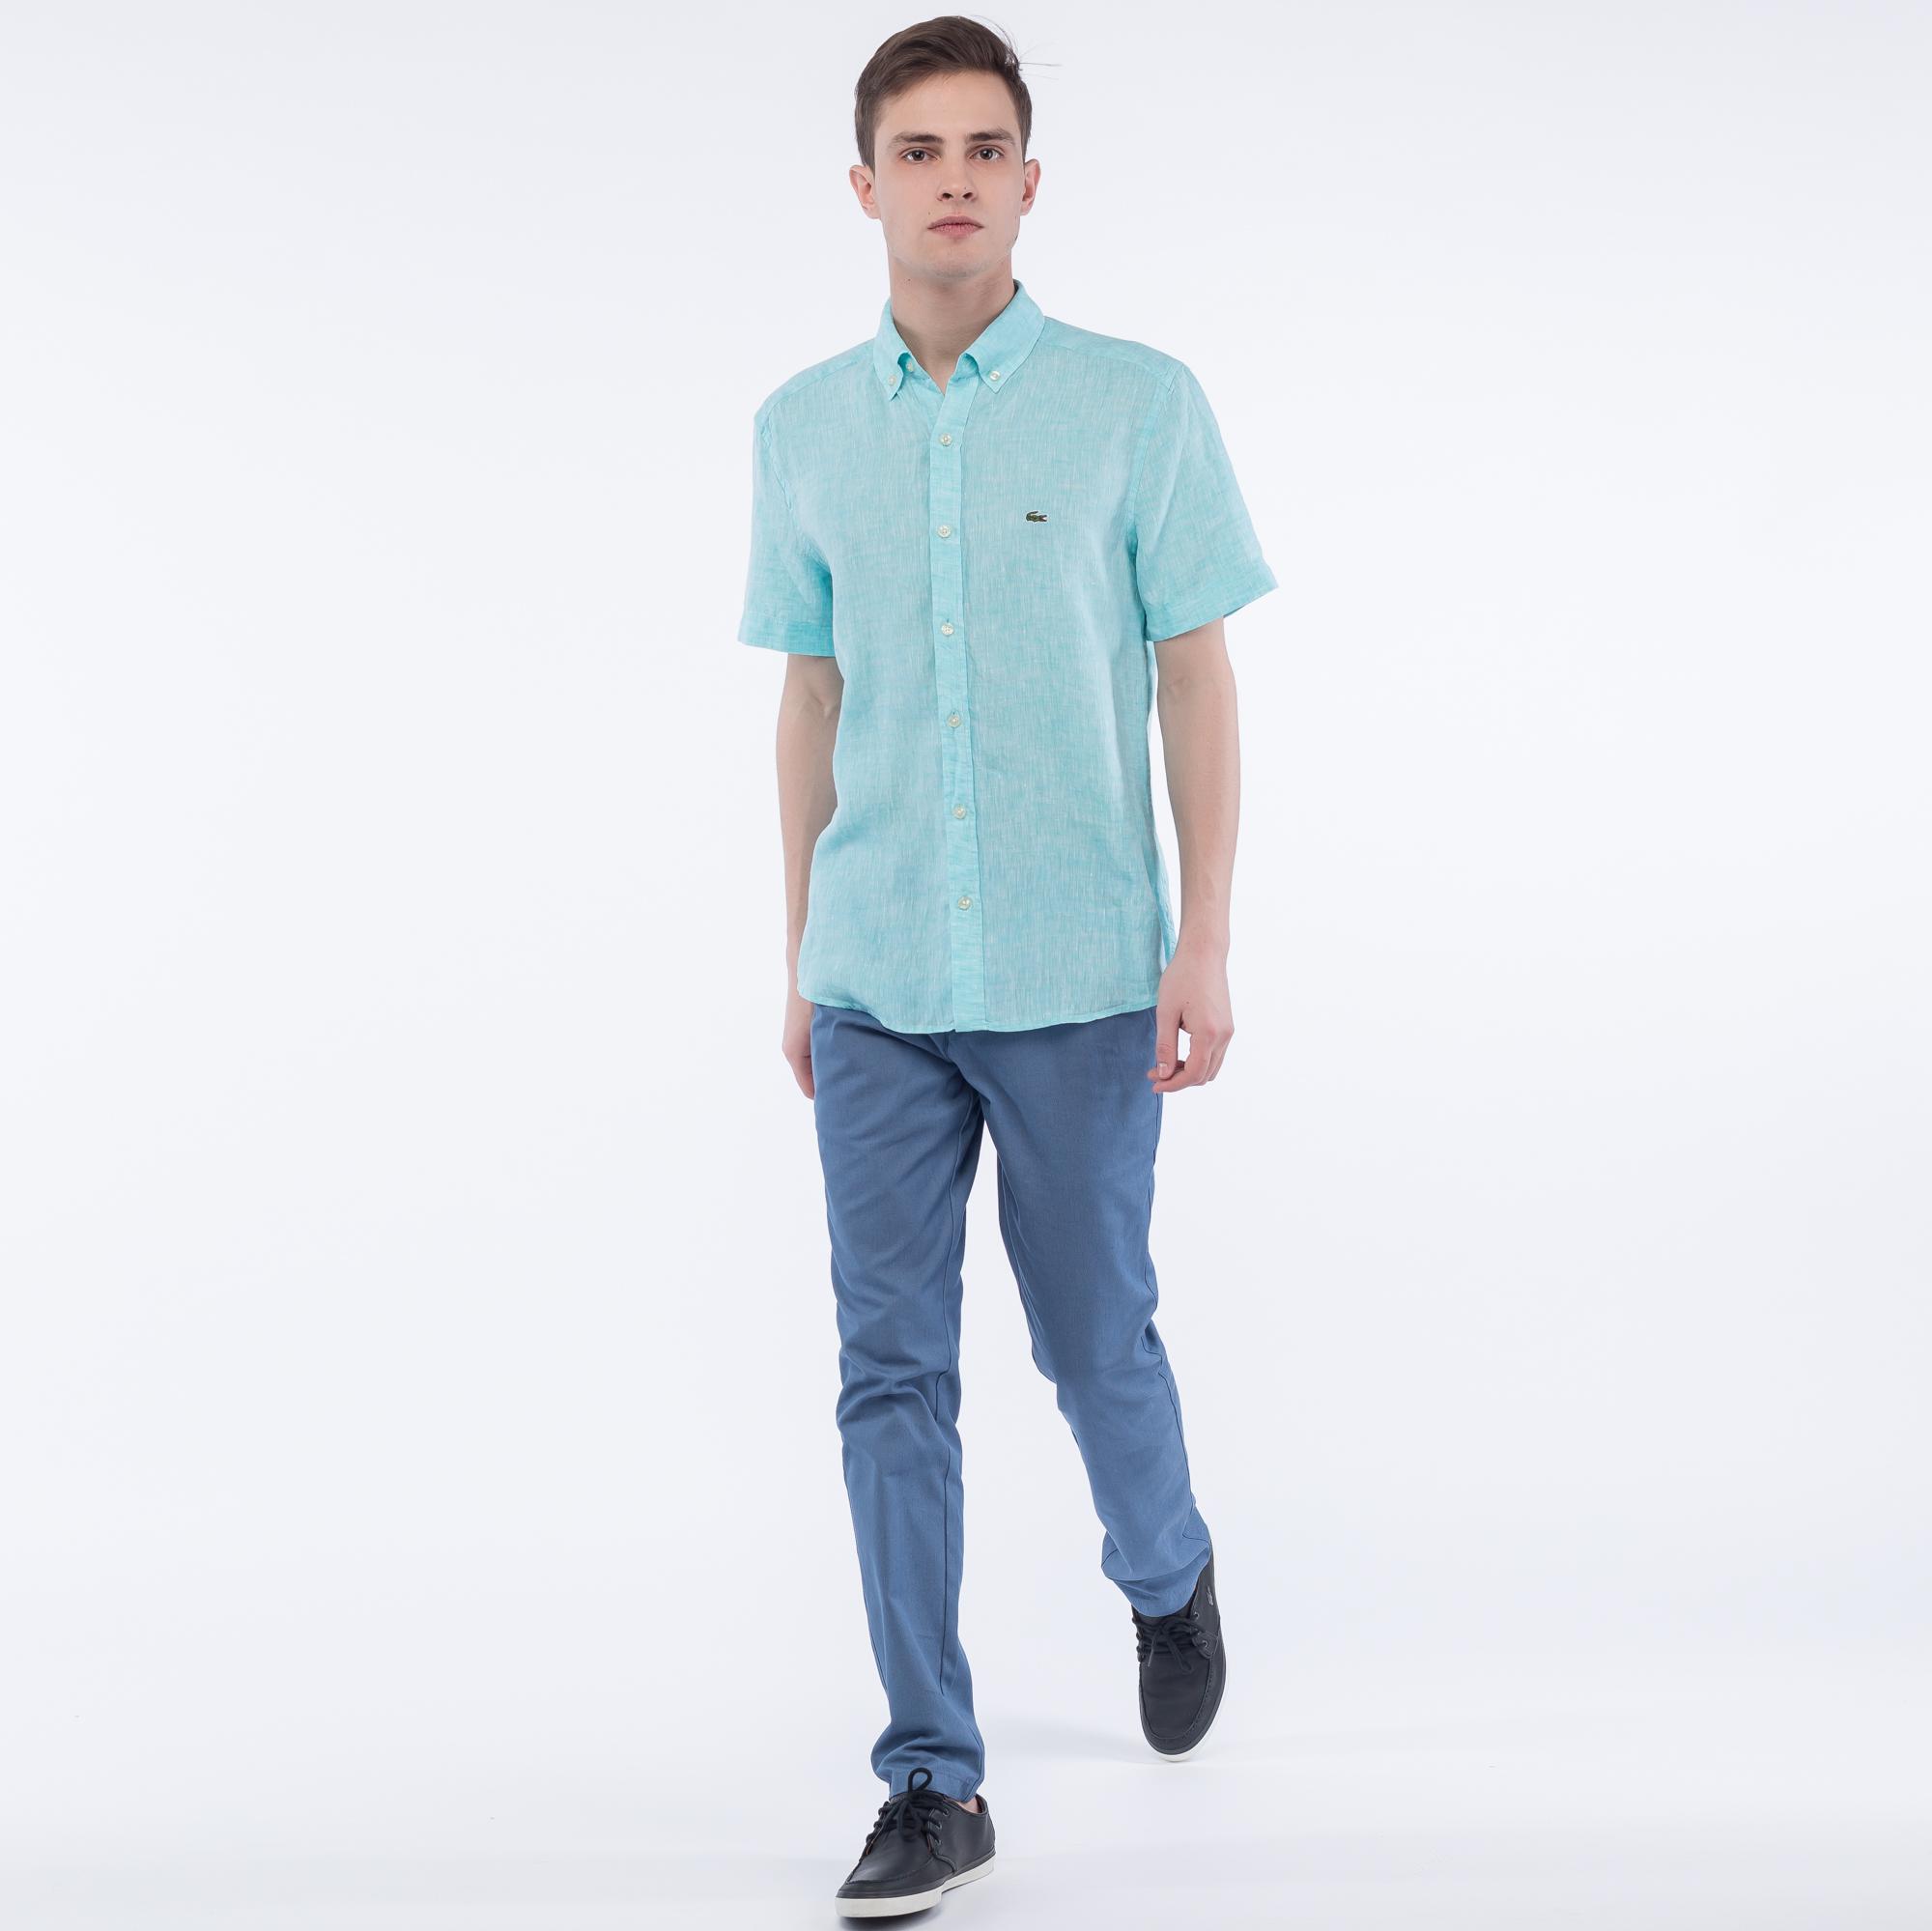 Фото 2 - Рубашку Lacoste Regular fit бирюзового цвета